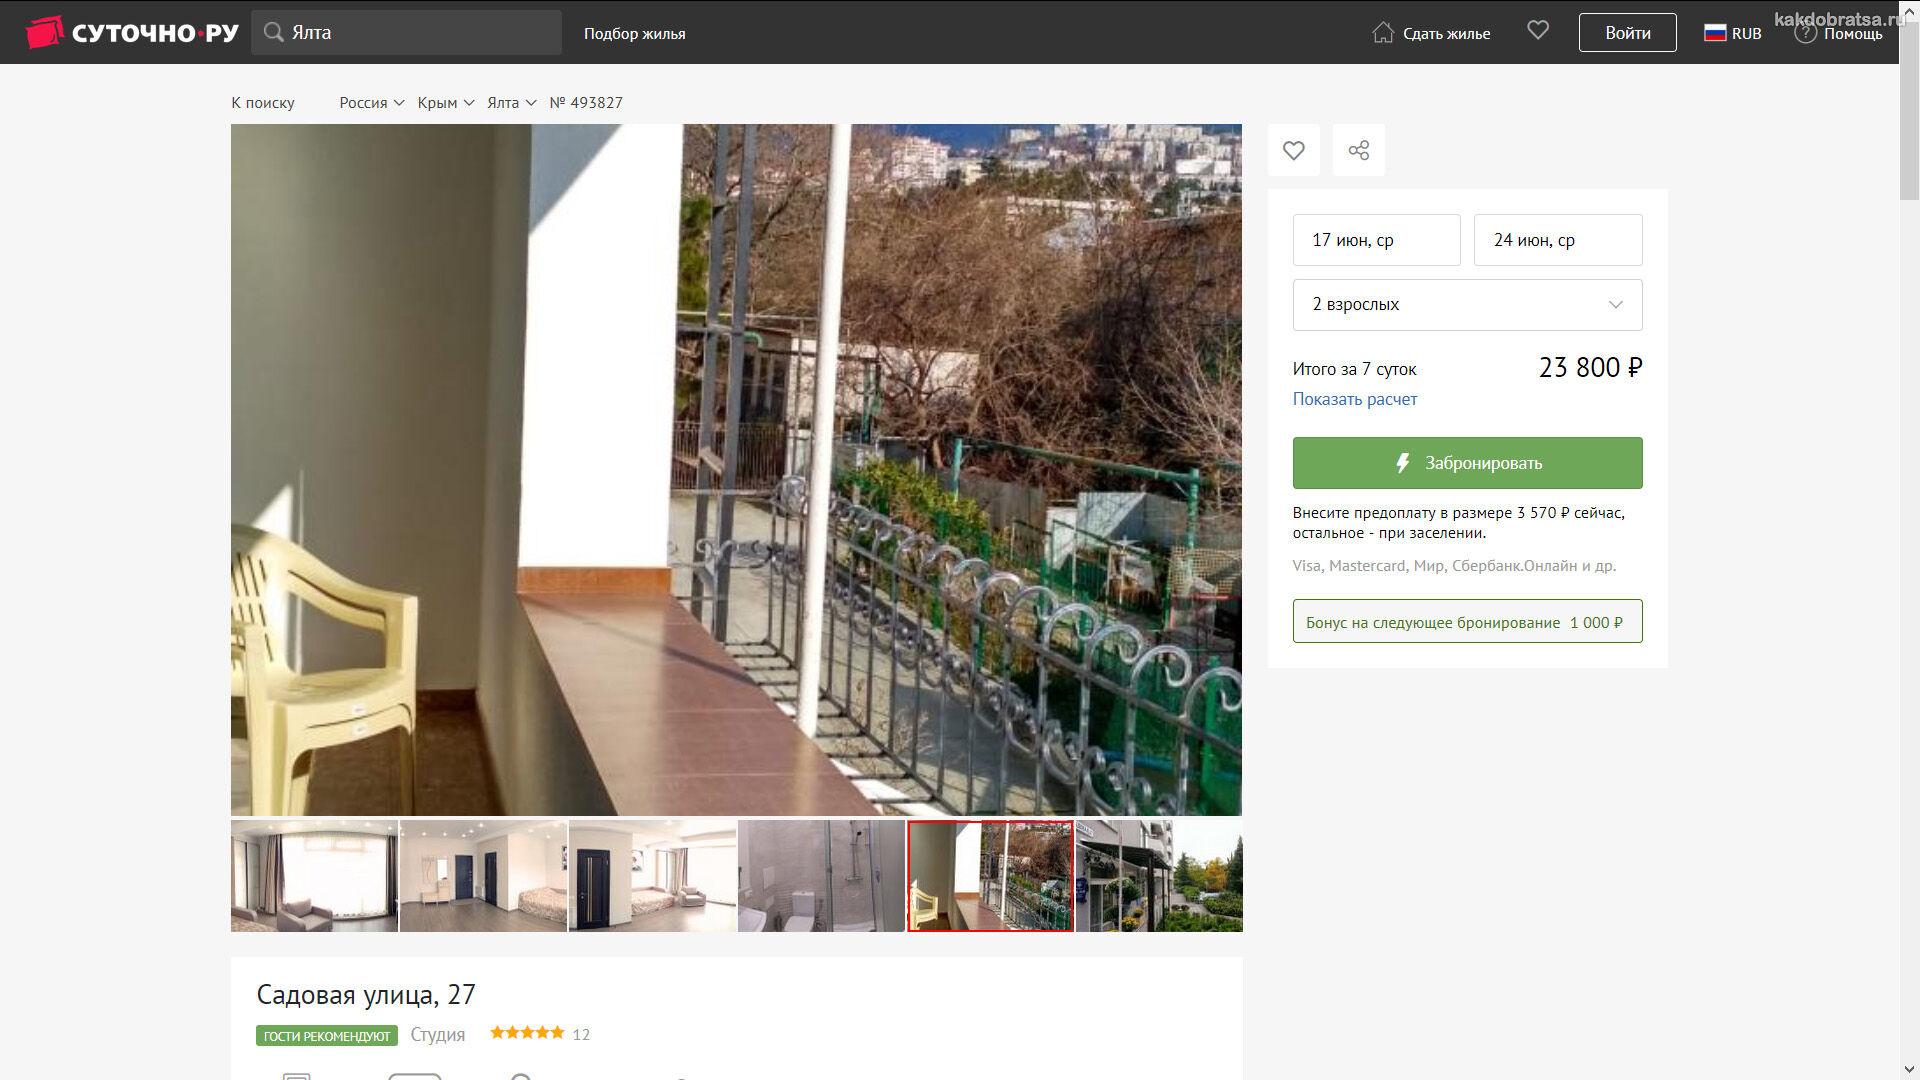 Как забронировать номер в отеле или квартире на веб-сайте Sutochno.ru в Крыму шаг 5